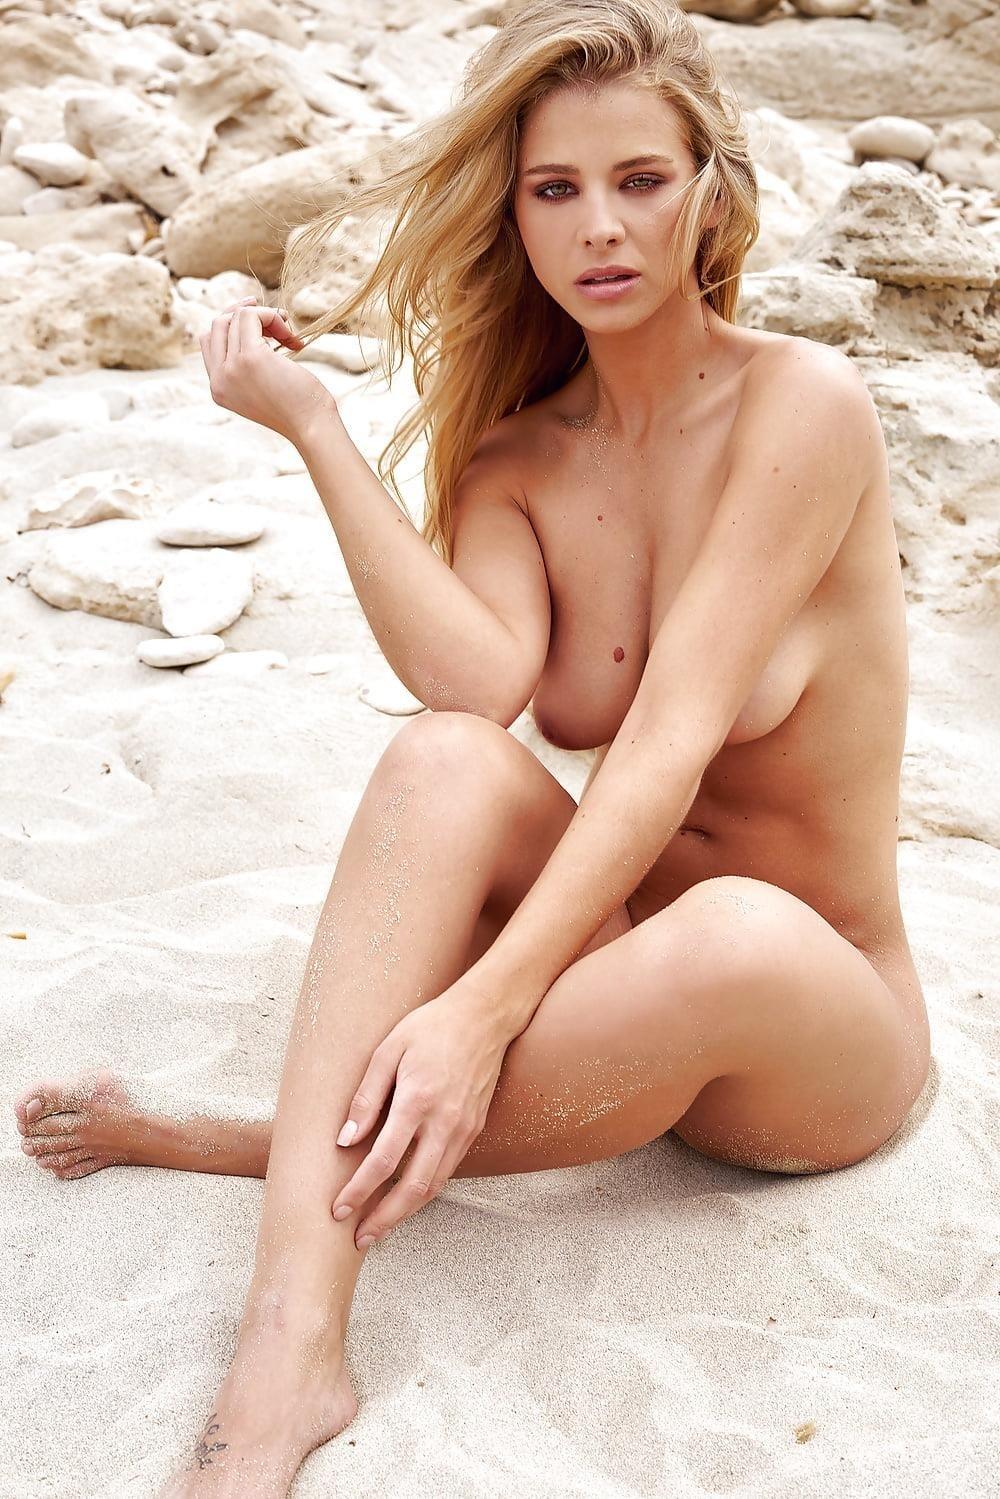 Big tits playboy pics-6648